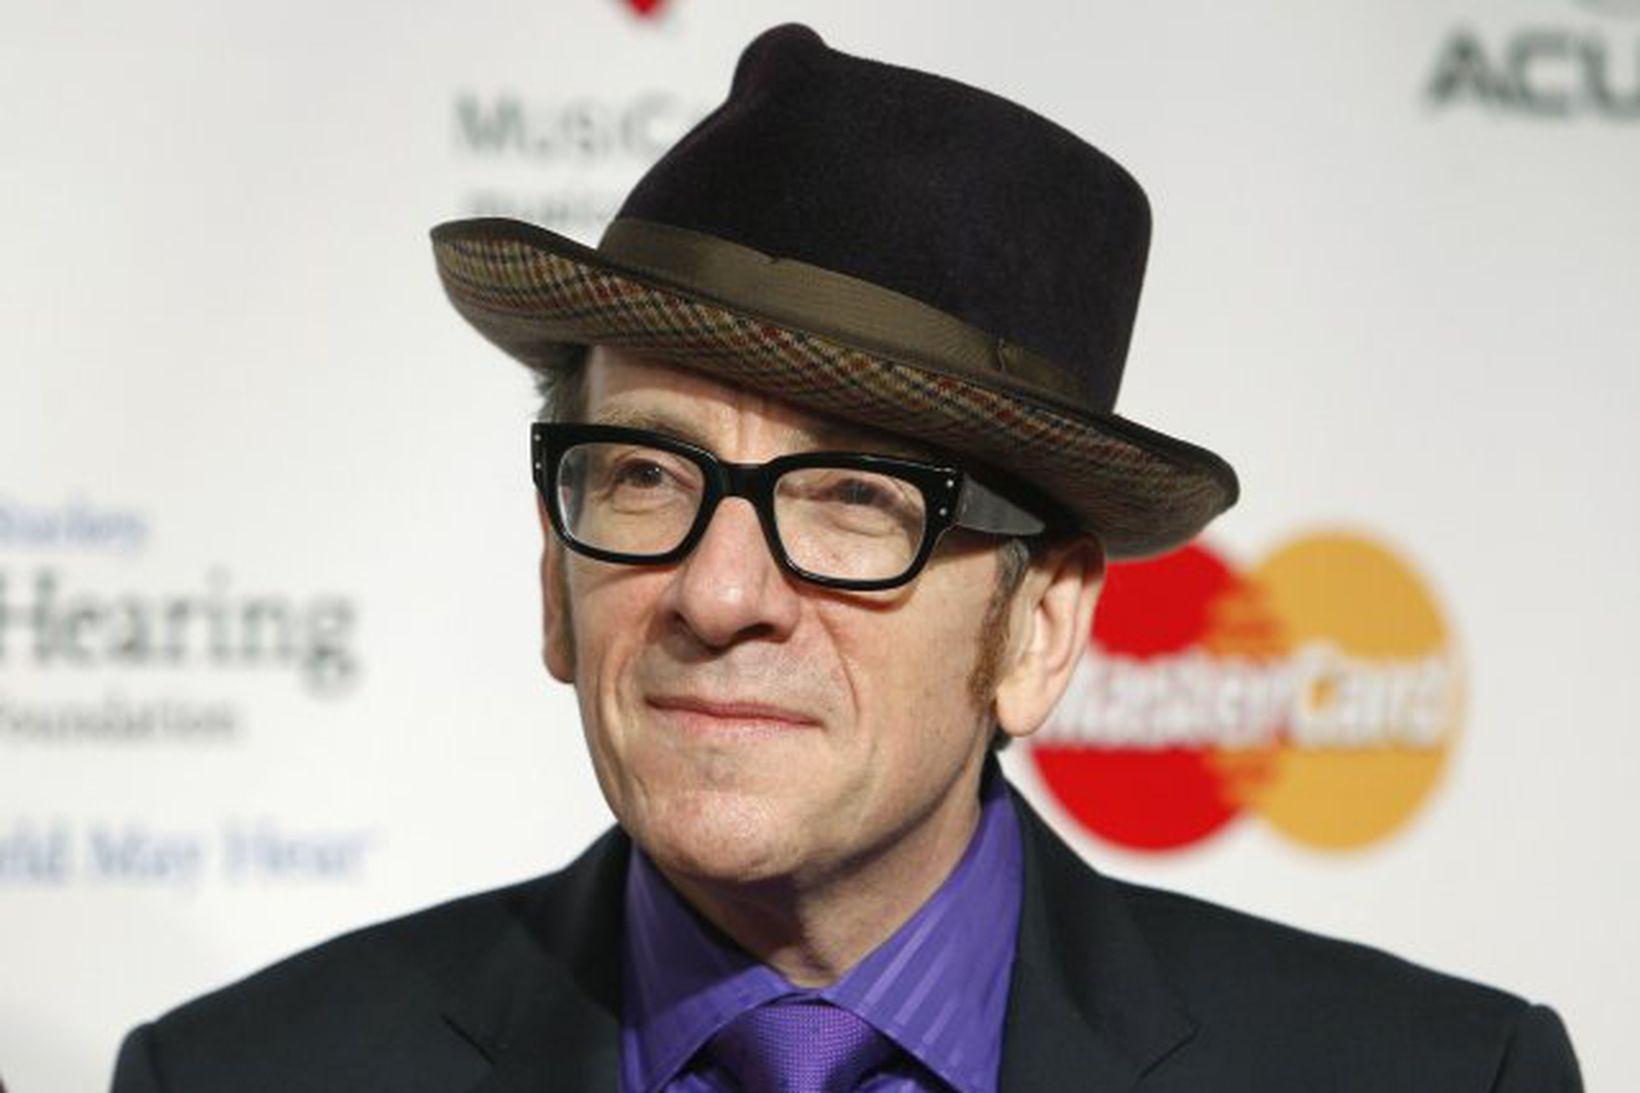 Breski tónlistarmaðurinn Elvis Costello hefur frestað tónleikum sem hann ætlaði …